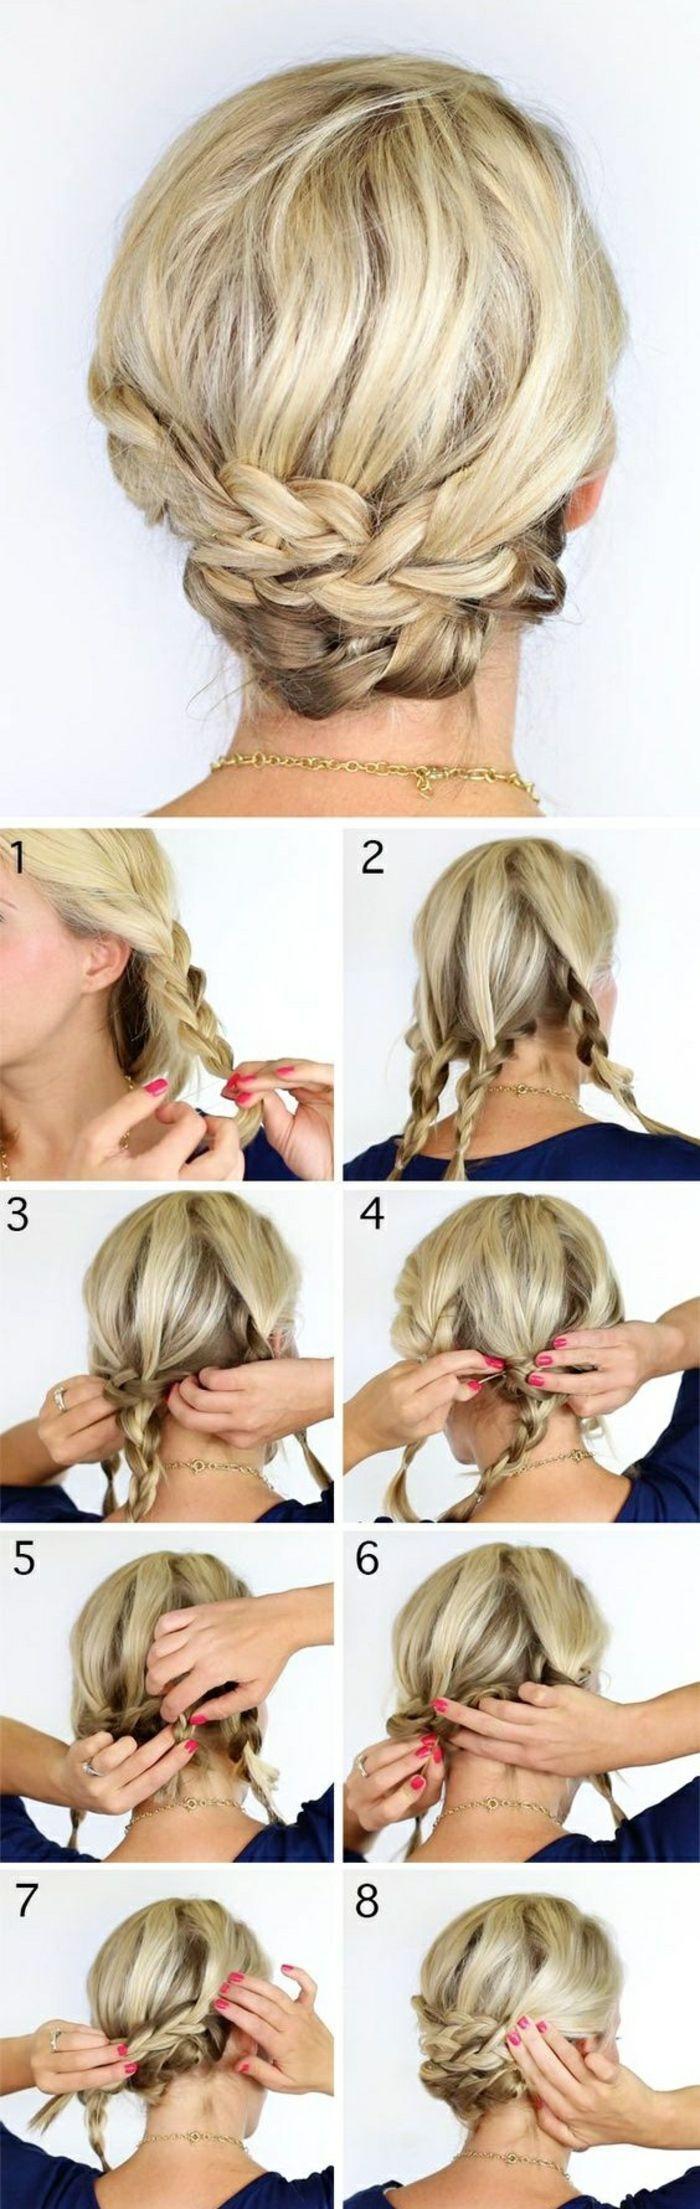 einfache frisuren blonde haare, zöpfe, hochsteckfrisur selber machen